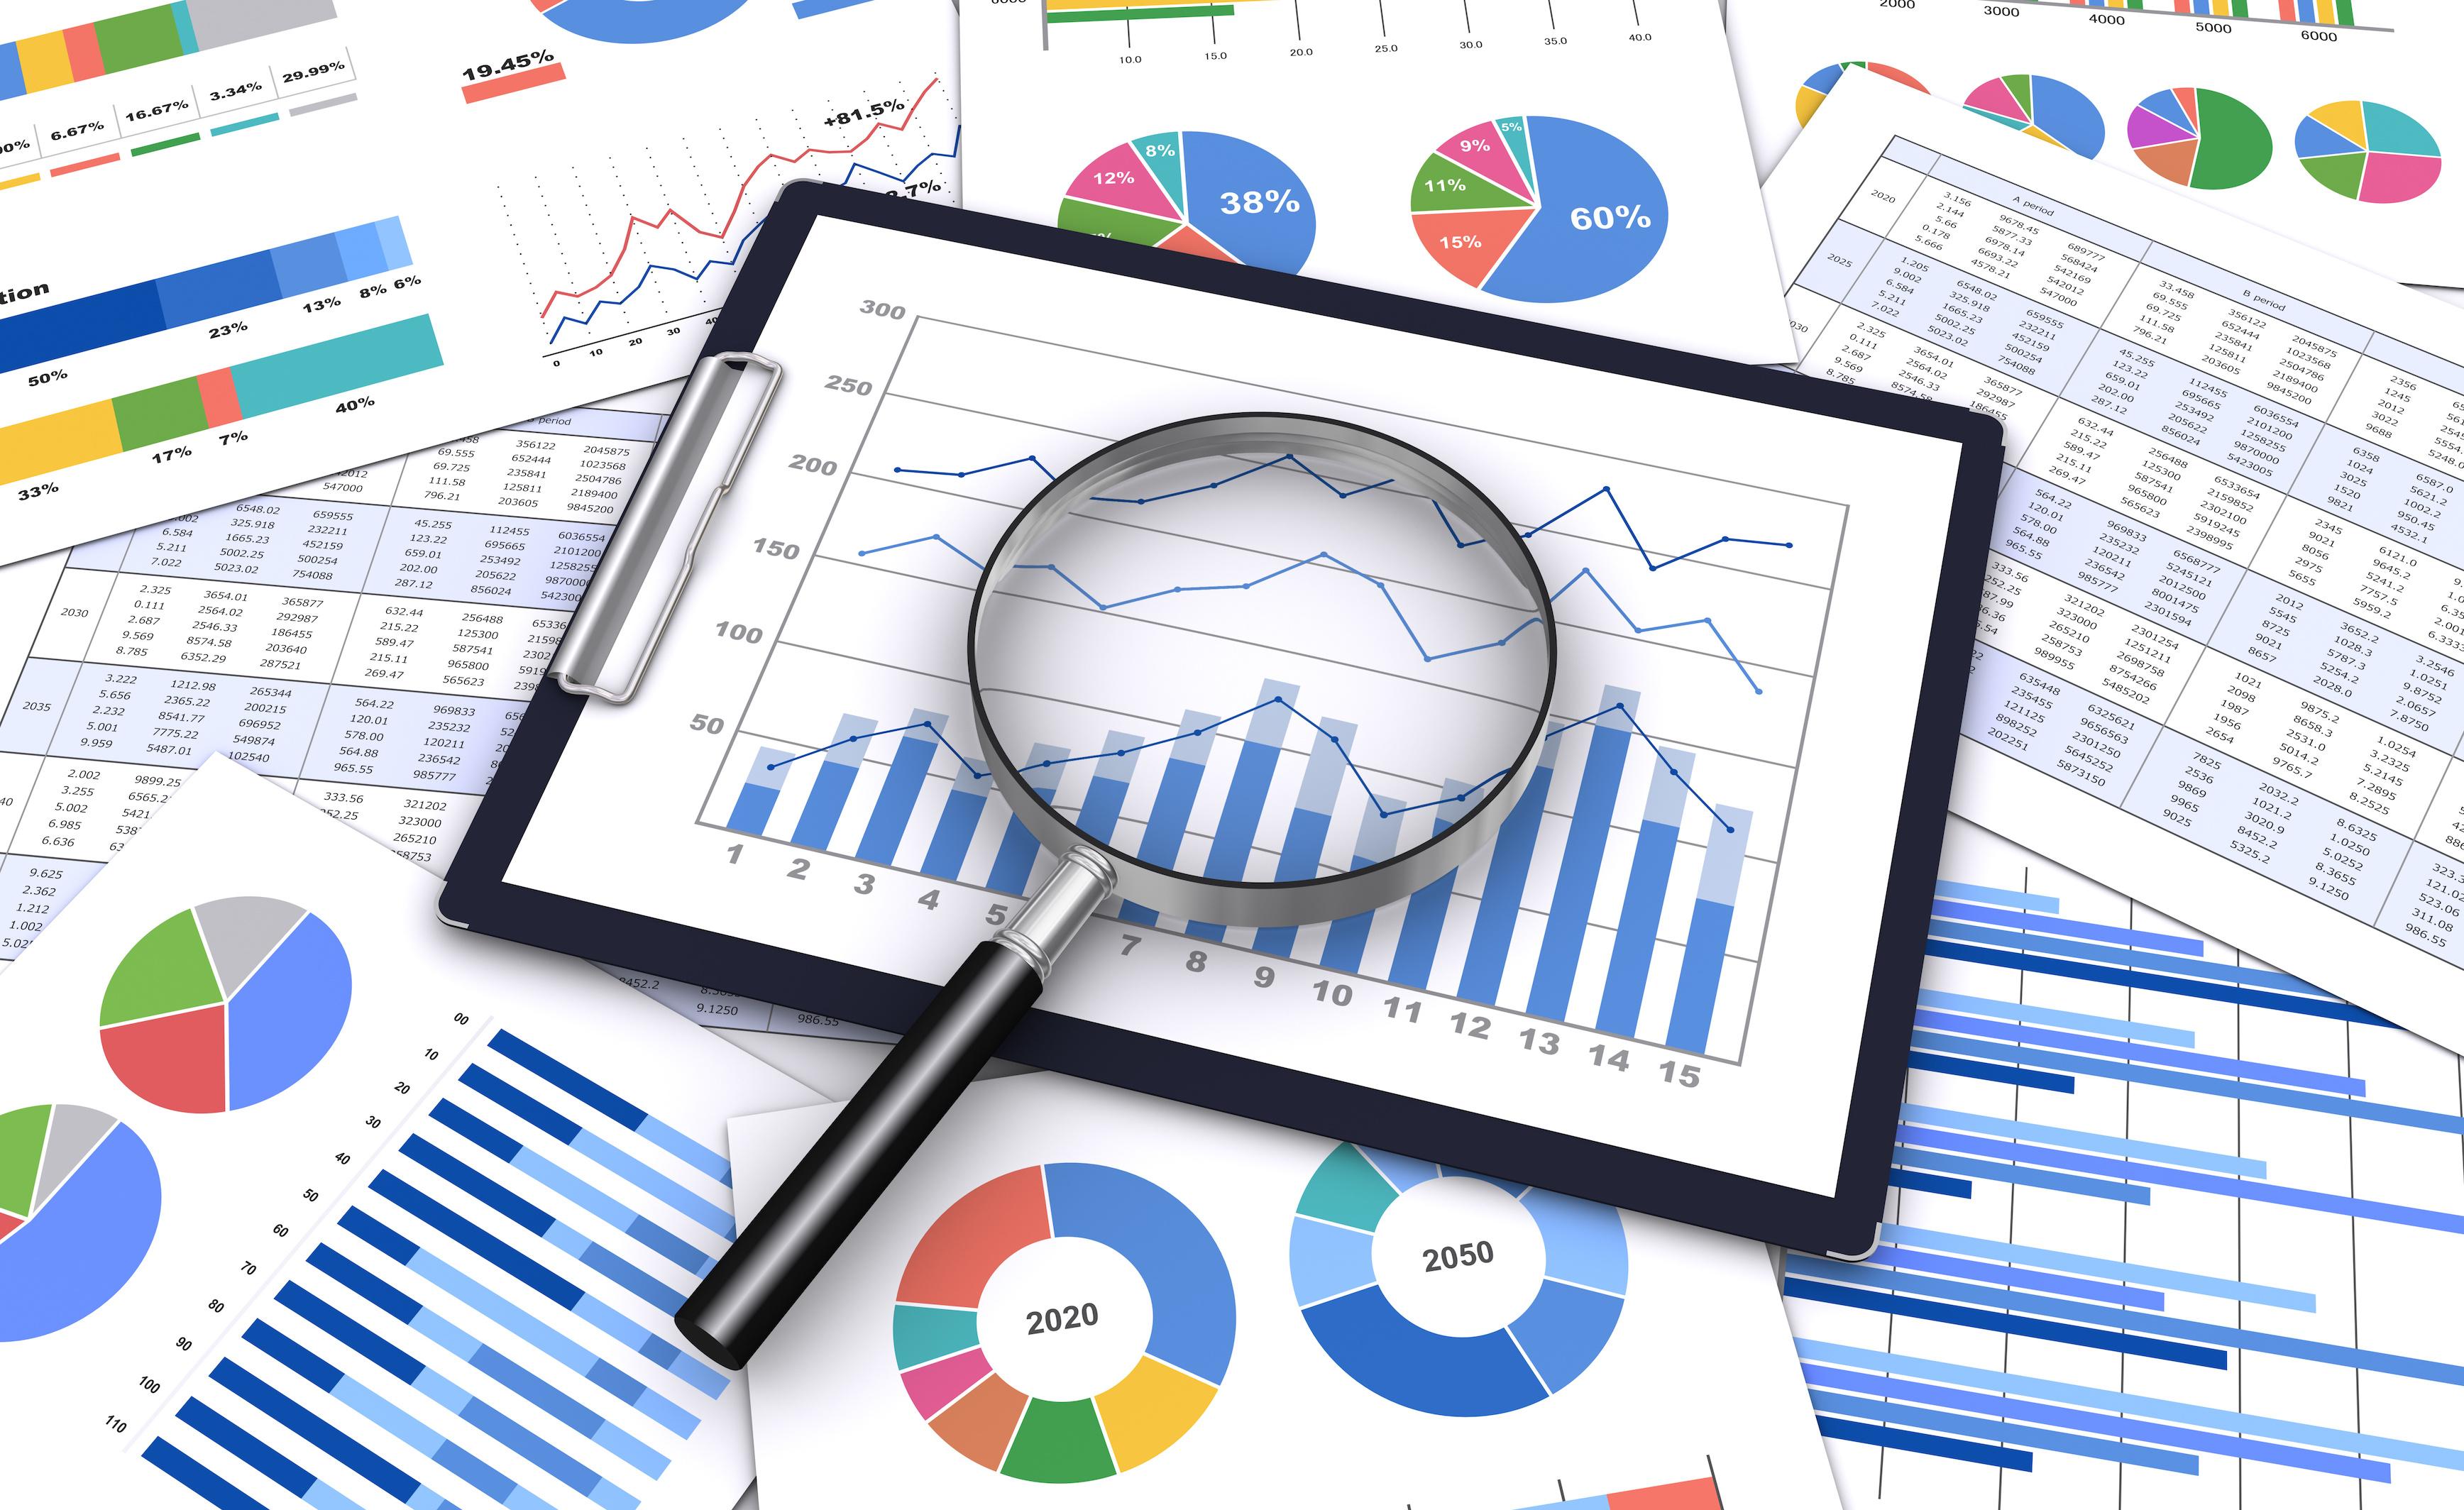 広告文の分析イメージ